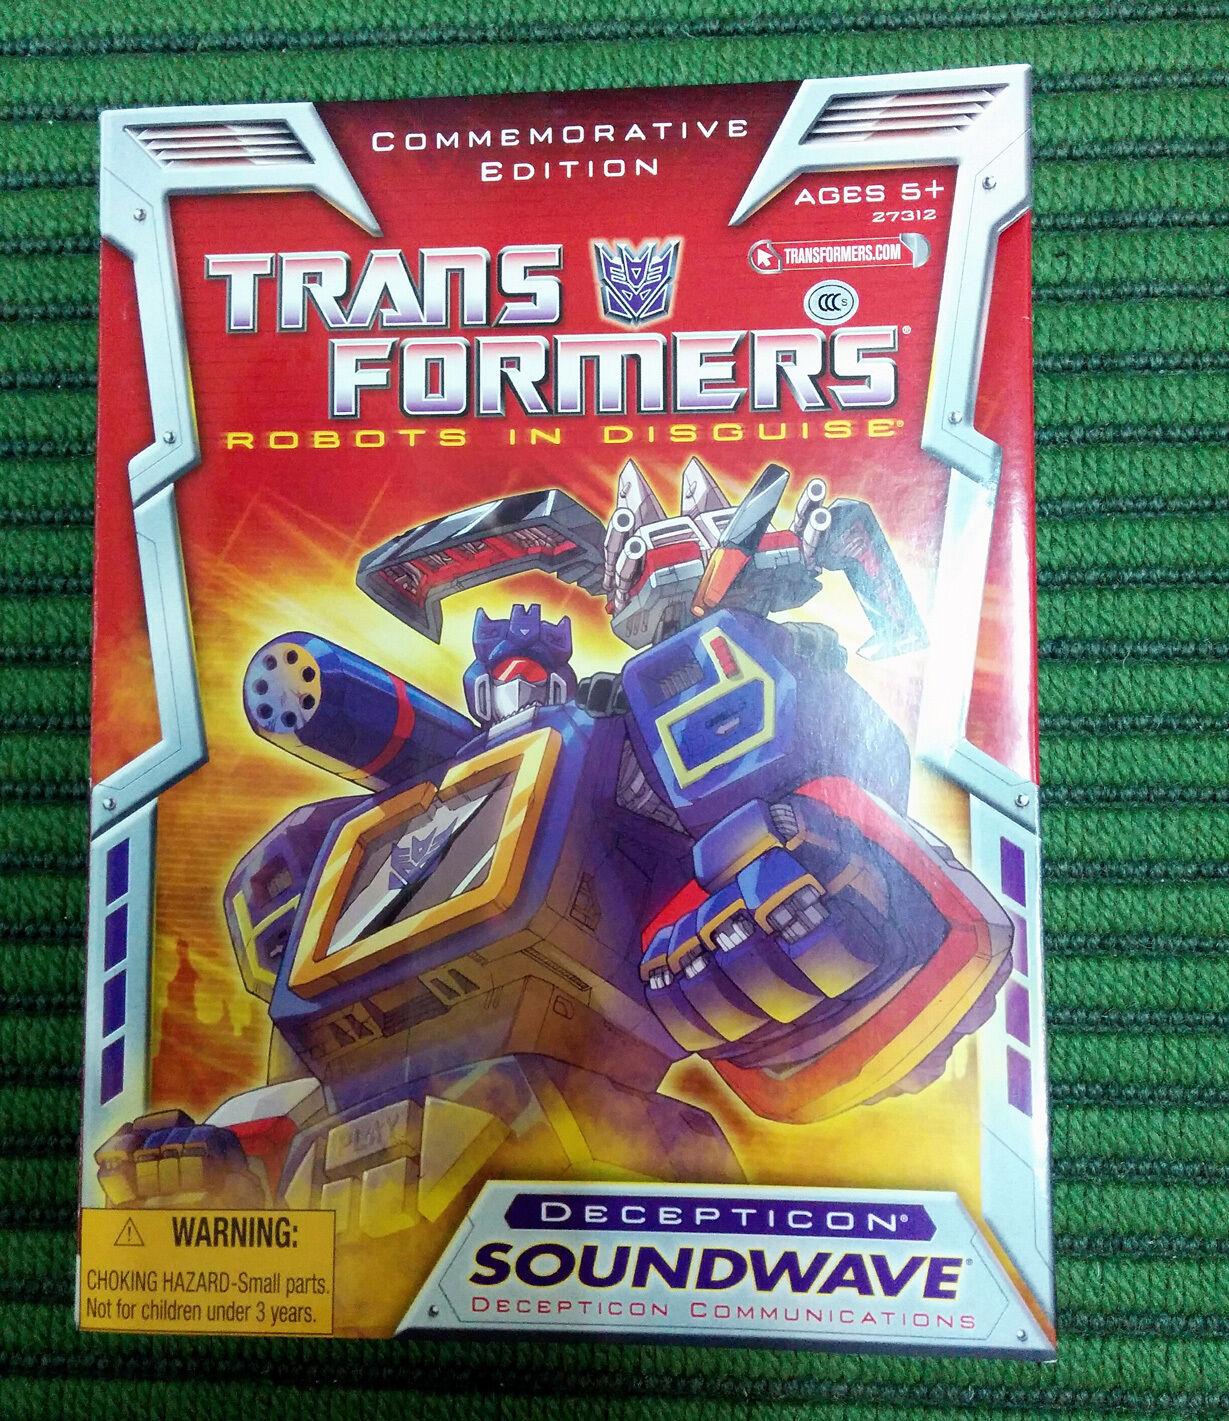 Transformers Commemorative edizione suonowave nuovo